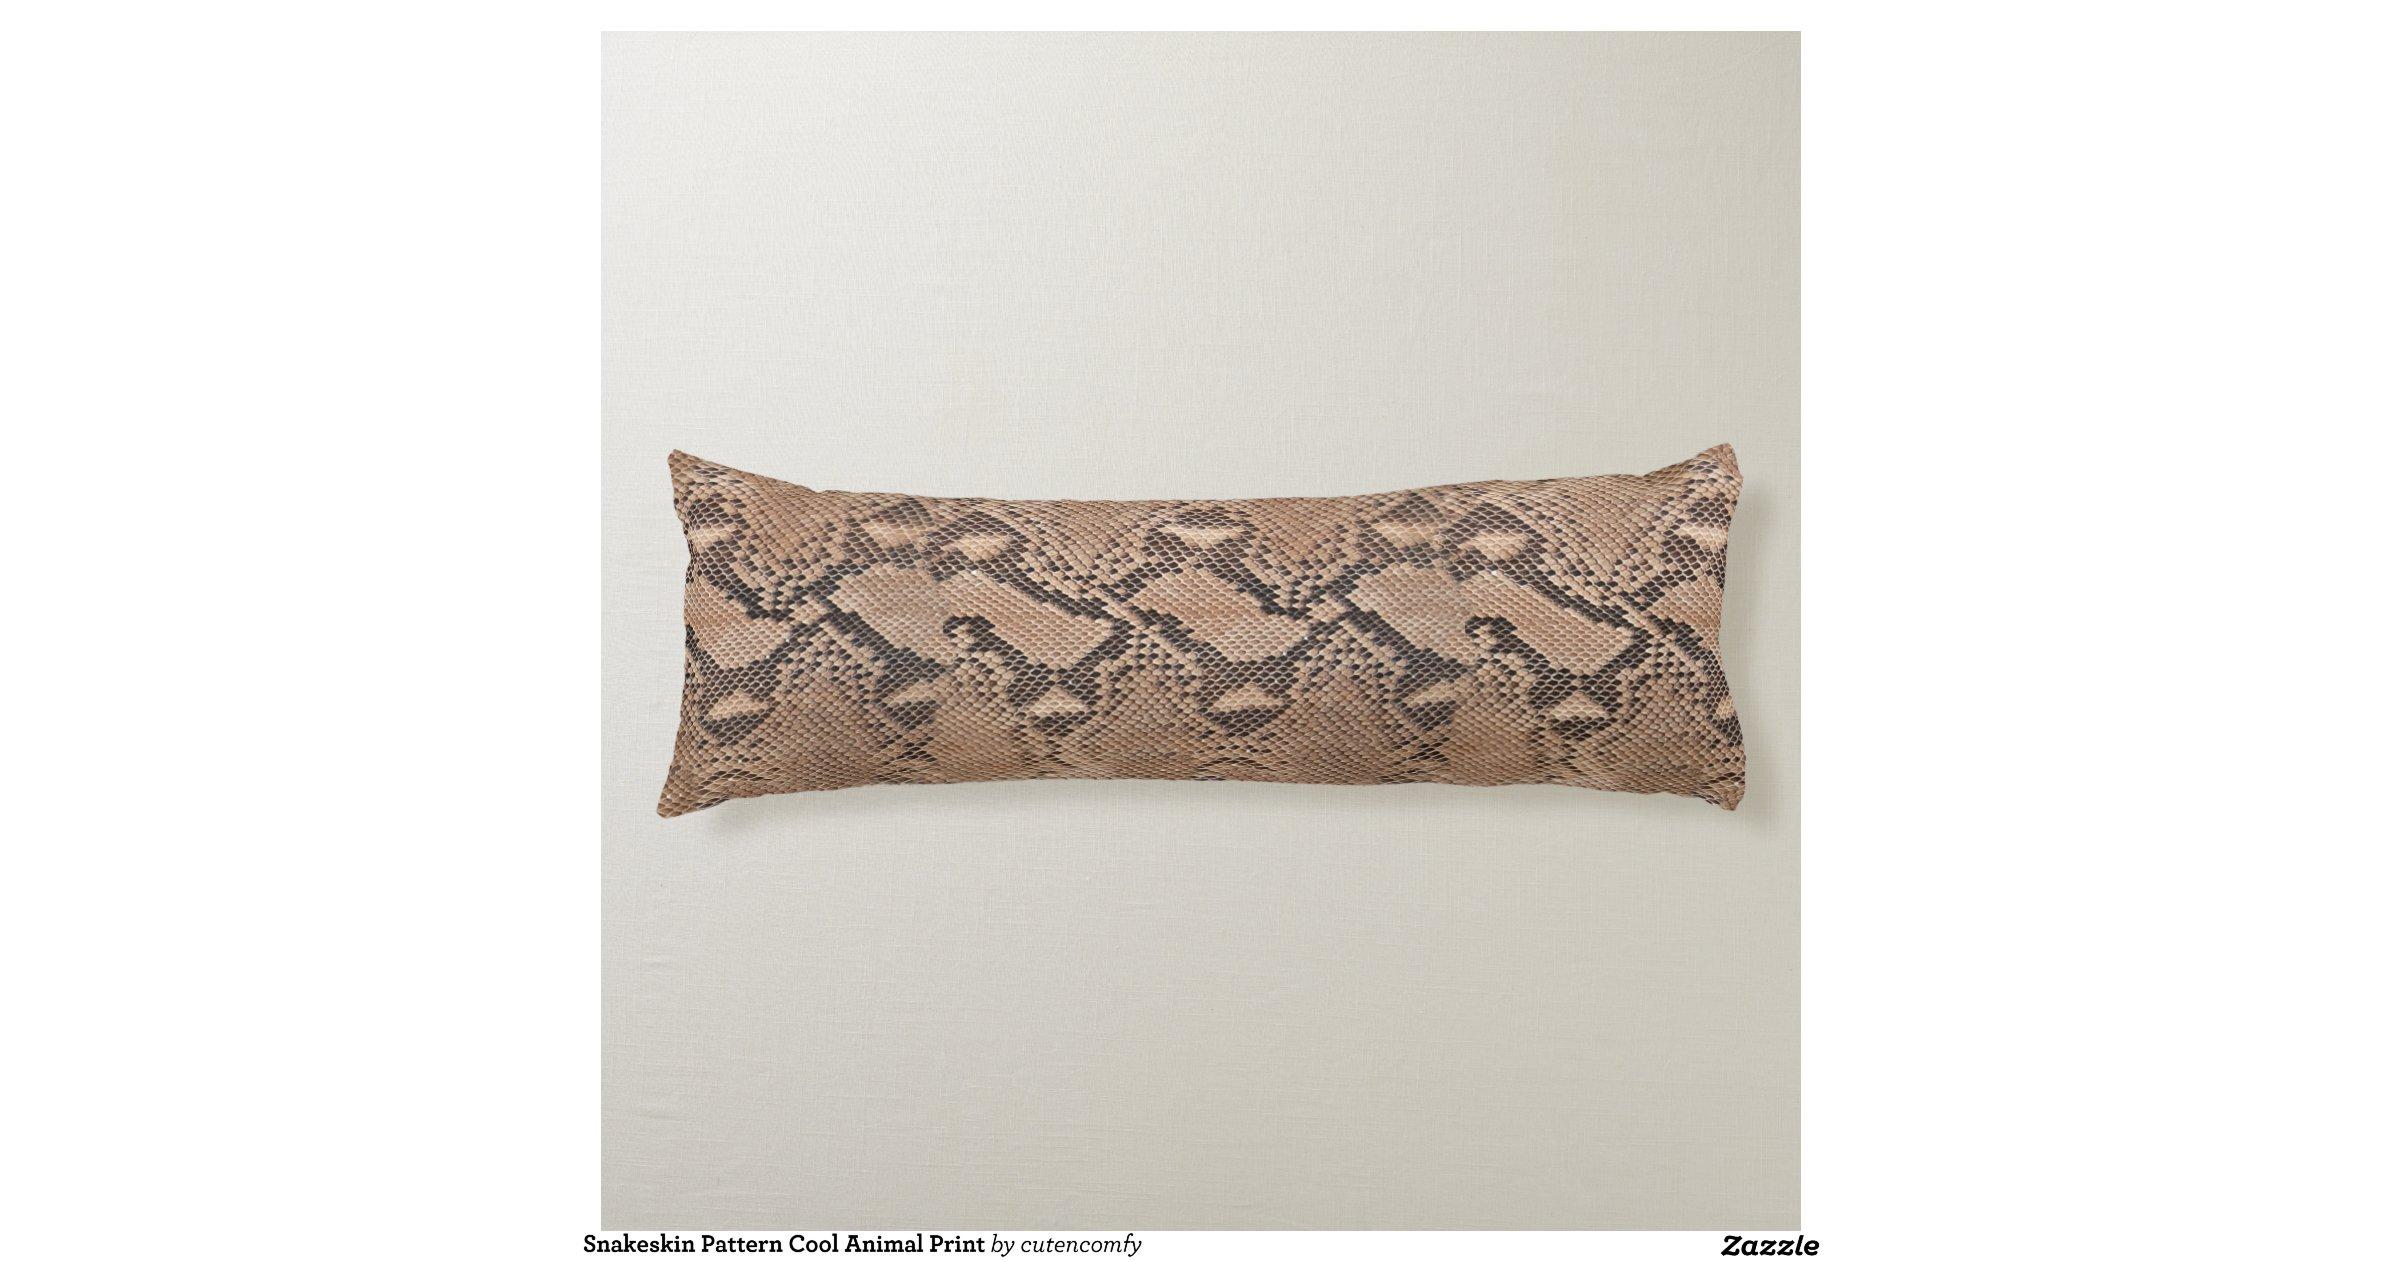 Animal Body Pillow Pattern : snakeskin_pattern_cool_animal_print_body_pillow-r32c436c68a584a3bb721a63ceb91e23f_z6ibr_1200.jpg ...